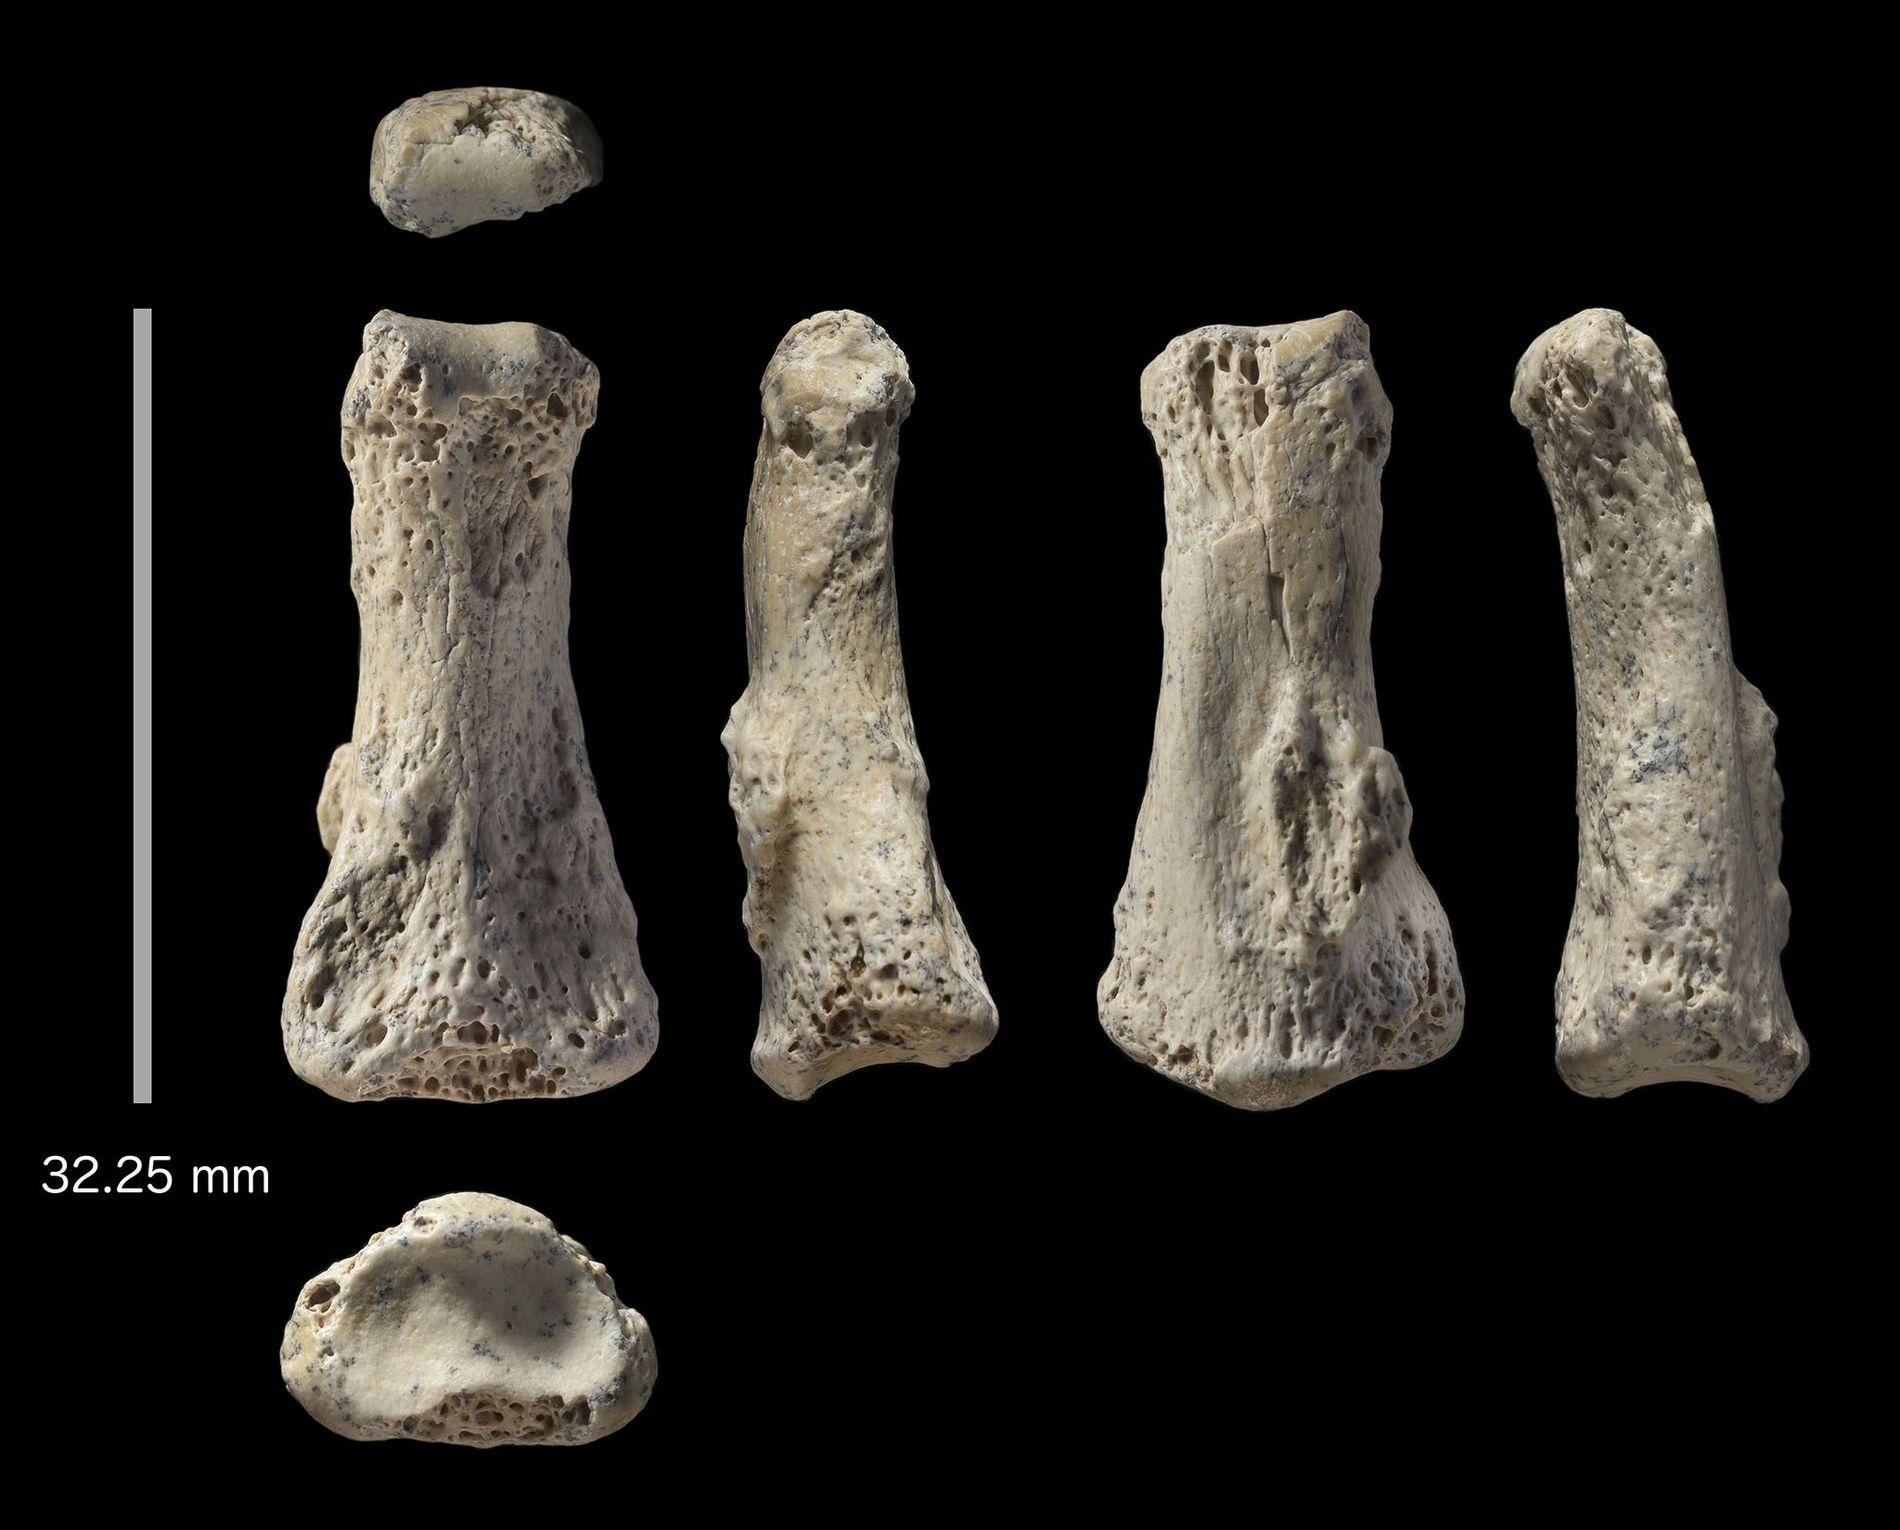 Der versteinerte Fingerknochen eines Homo sapiens wurde im Nordosten Saudi-Arabiens an einem ehemaligen See gefunden.